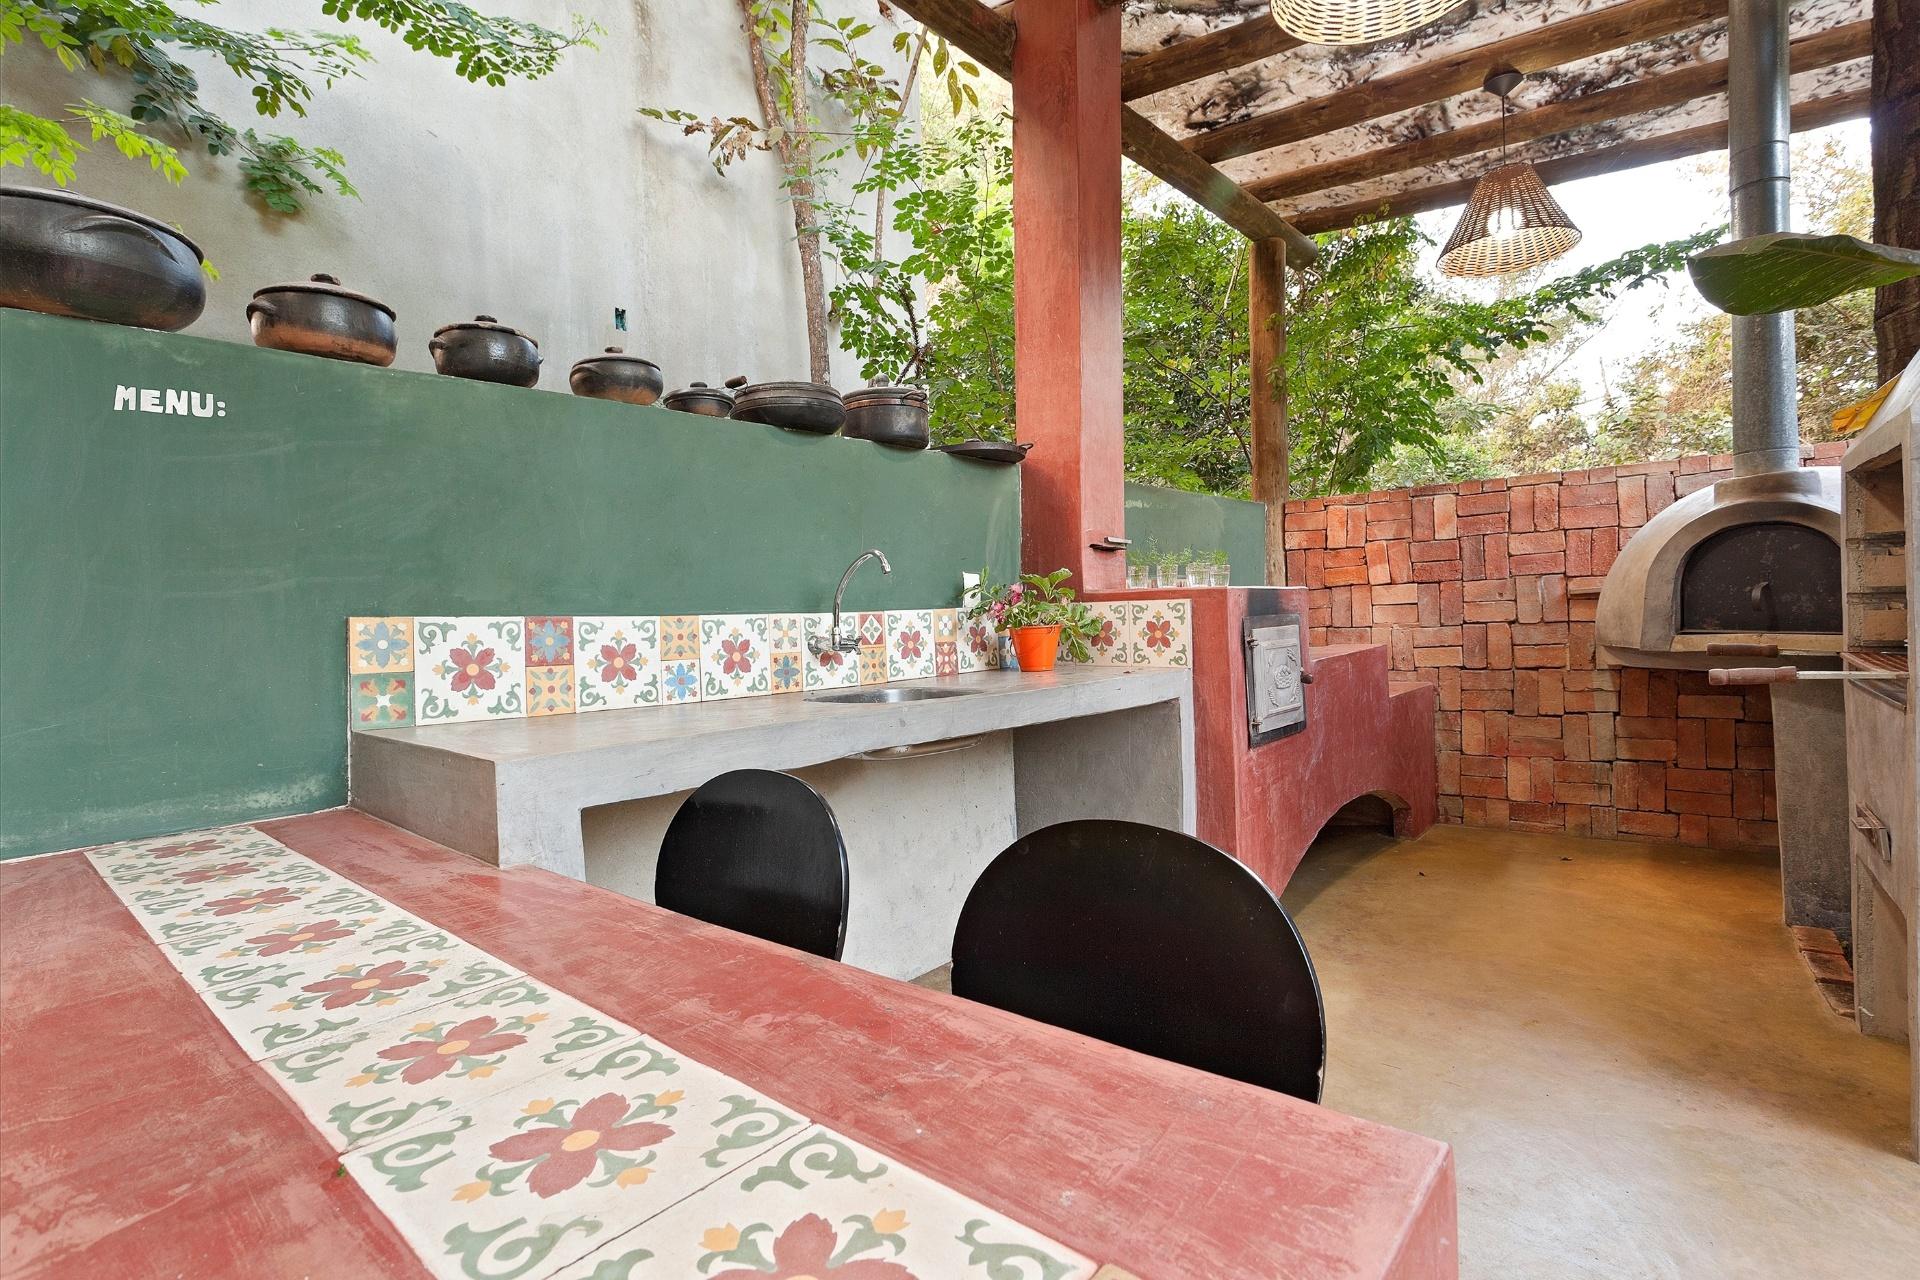 de interiores Fabiana Visacro a cozinha externa possui fogão a lenha  #4D6320 1920 1280